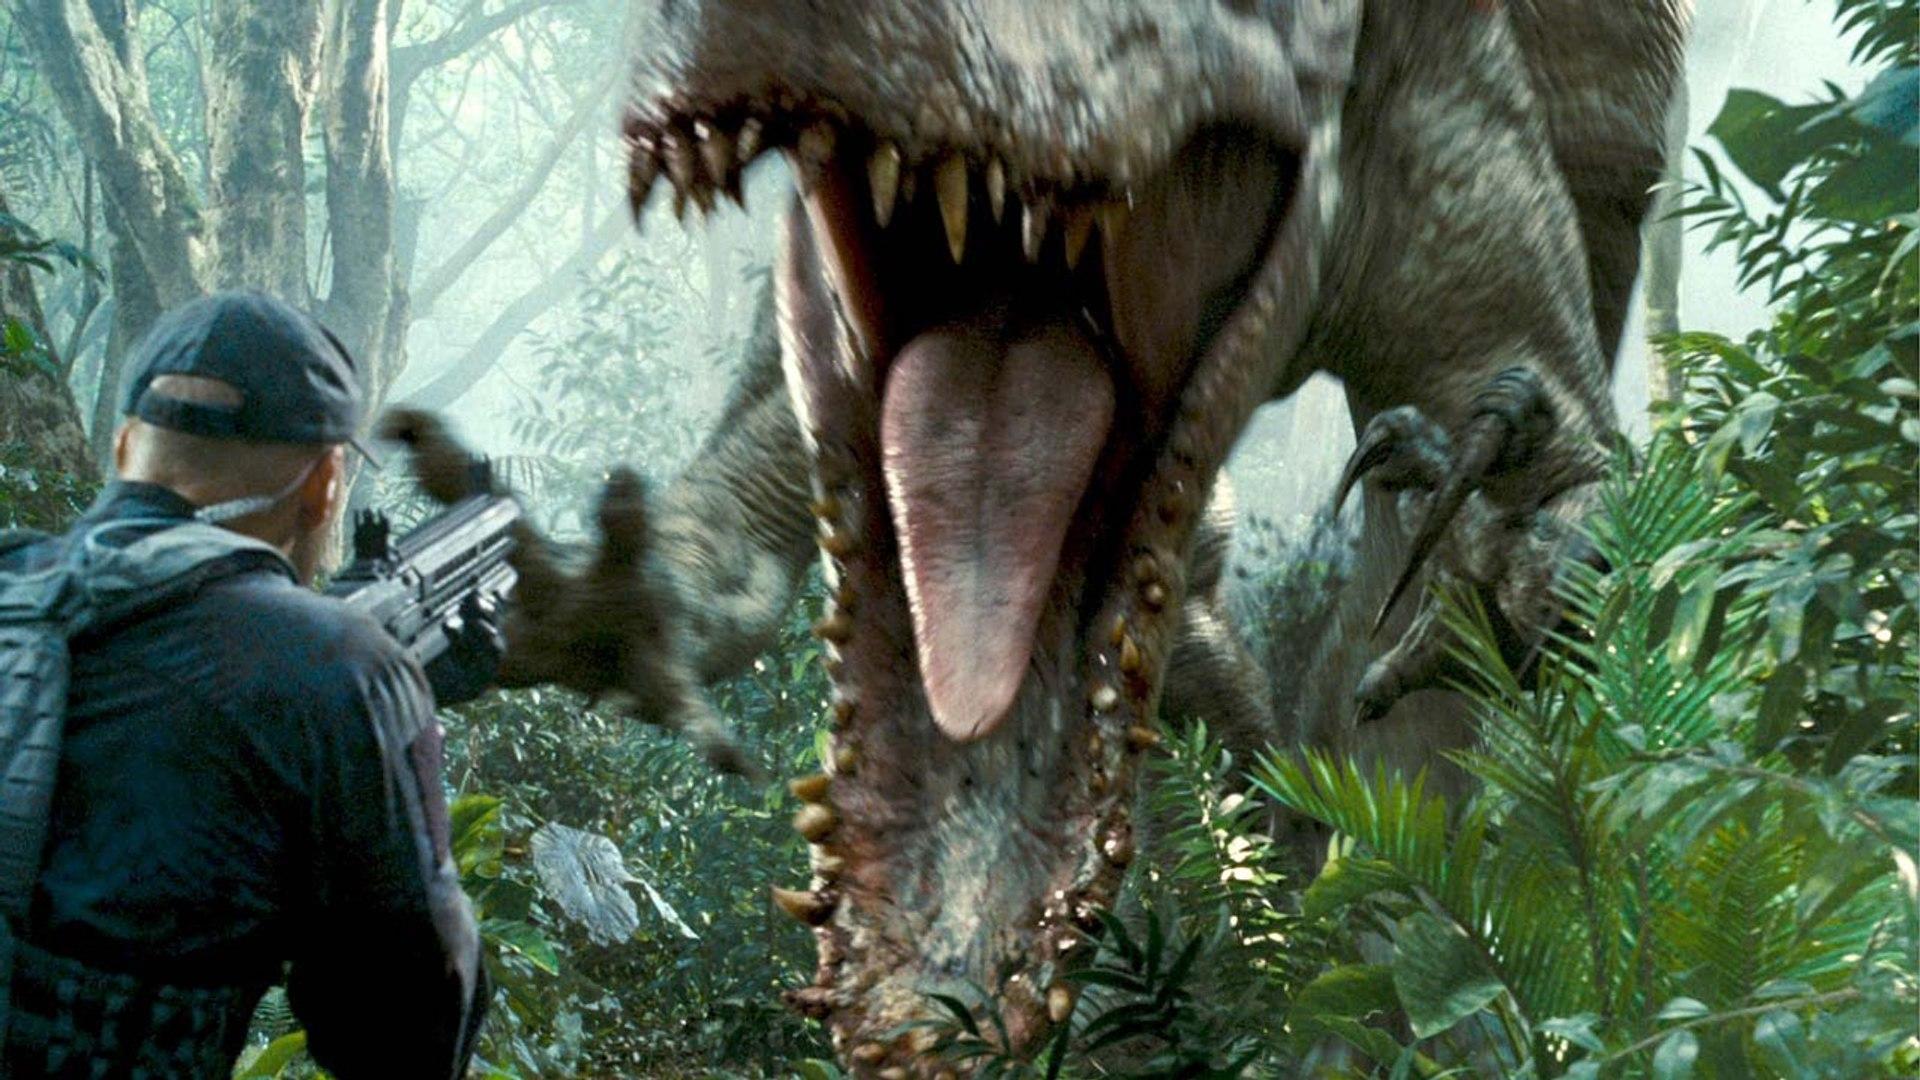 Jurassic World Full Movie 2015 Video Dailymotion